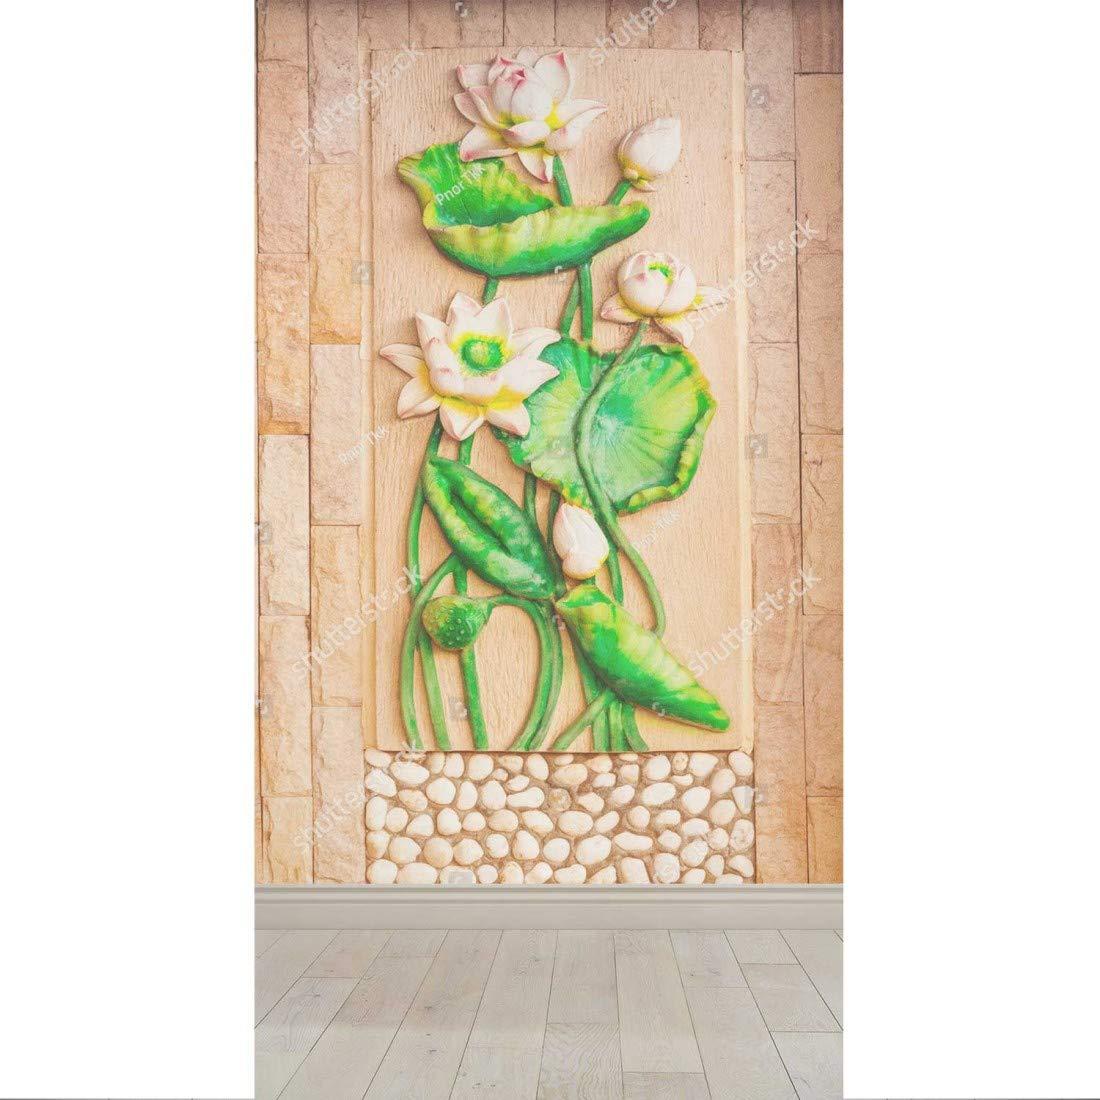 NISH 3D Mural Wallpaper For Living Room Bedroom Home 191